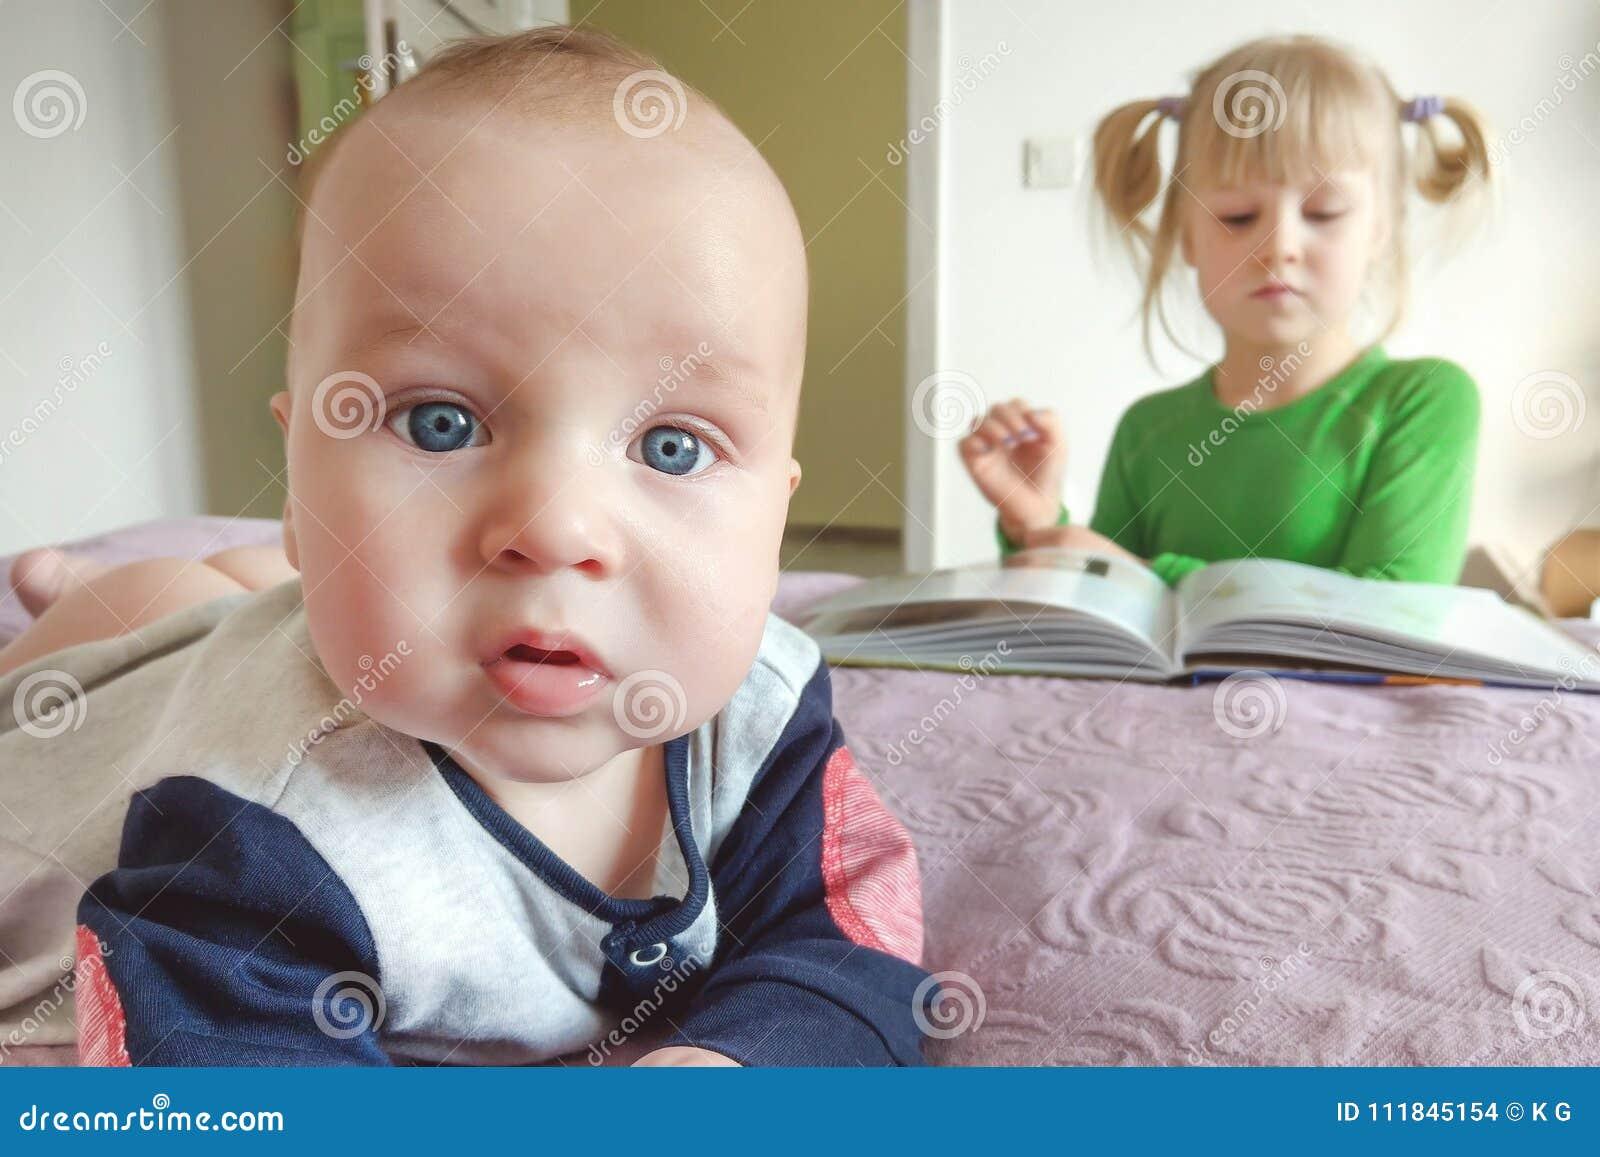 做selfie的沉思矮小的婴儿男孩画象在床 姐妹在背景的阅读书 浓缩的年龄的不同的兴趣